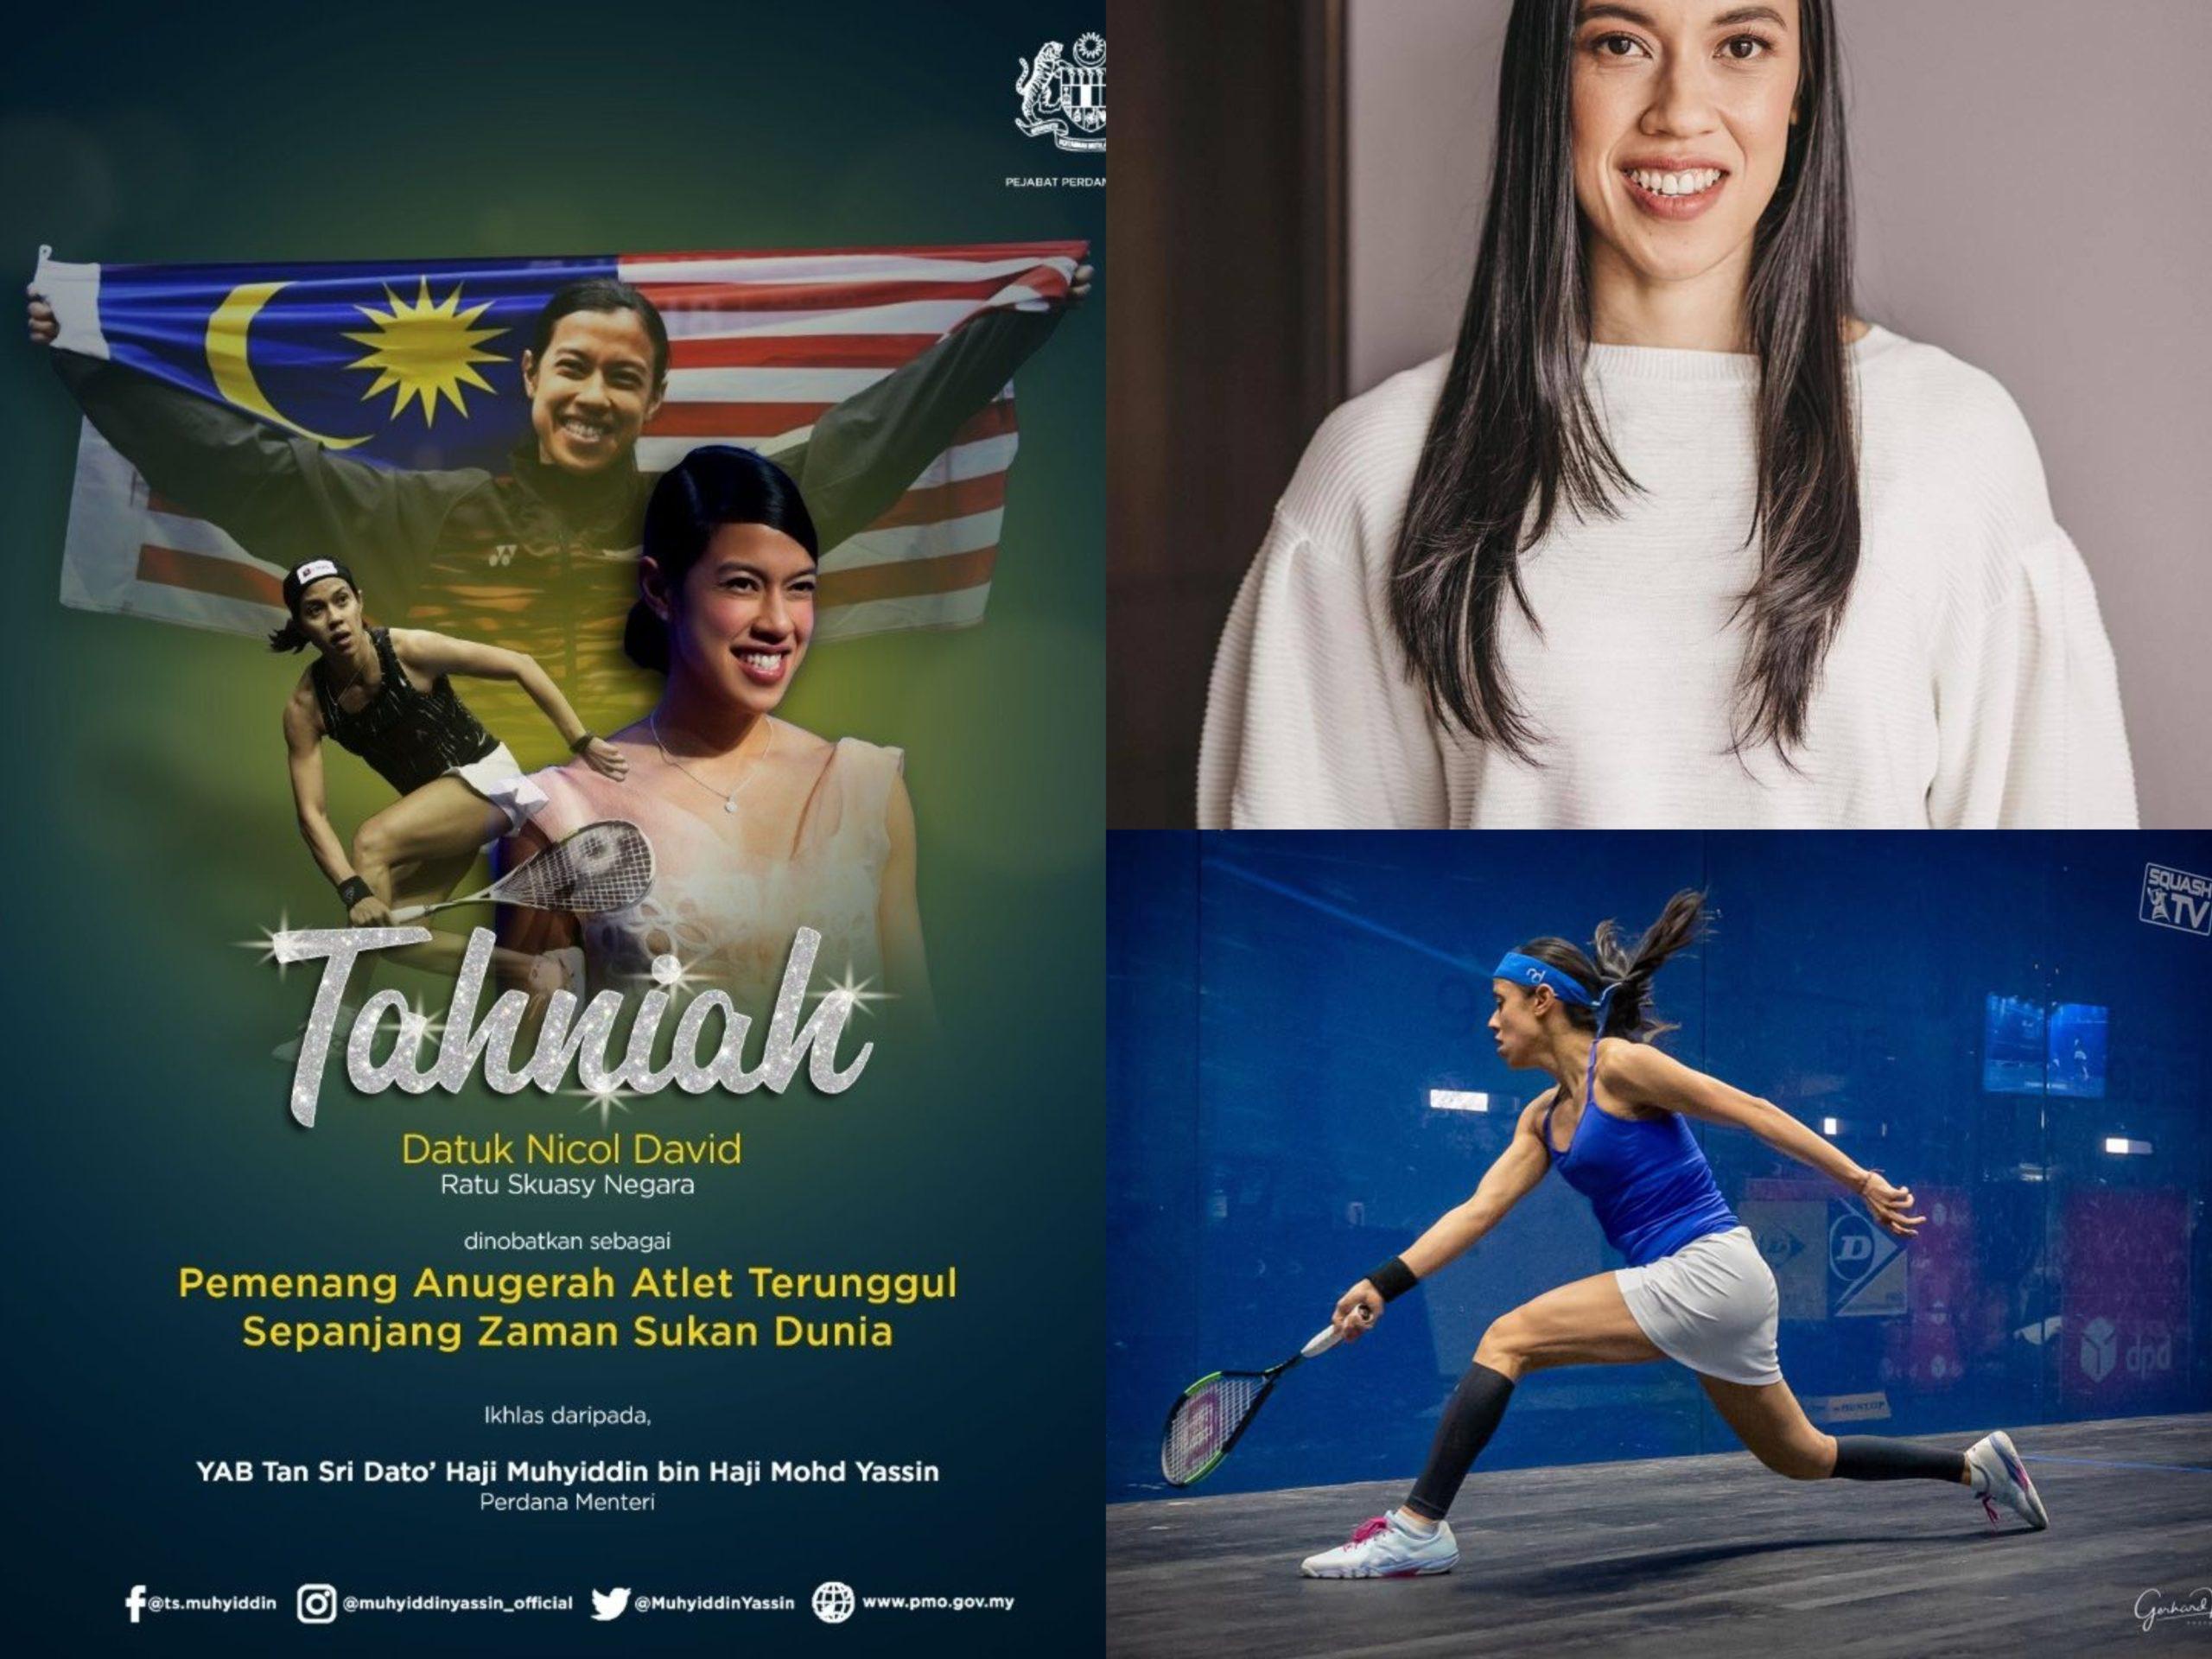 Datuk Nicol Ann David, Pemenang Anugerah Atlet Terunggul Sepanjang Zaman Sukan Dunia!